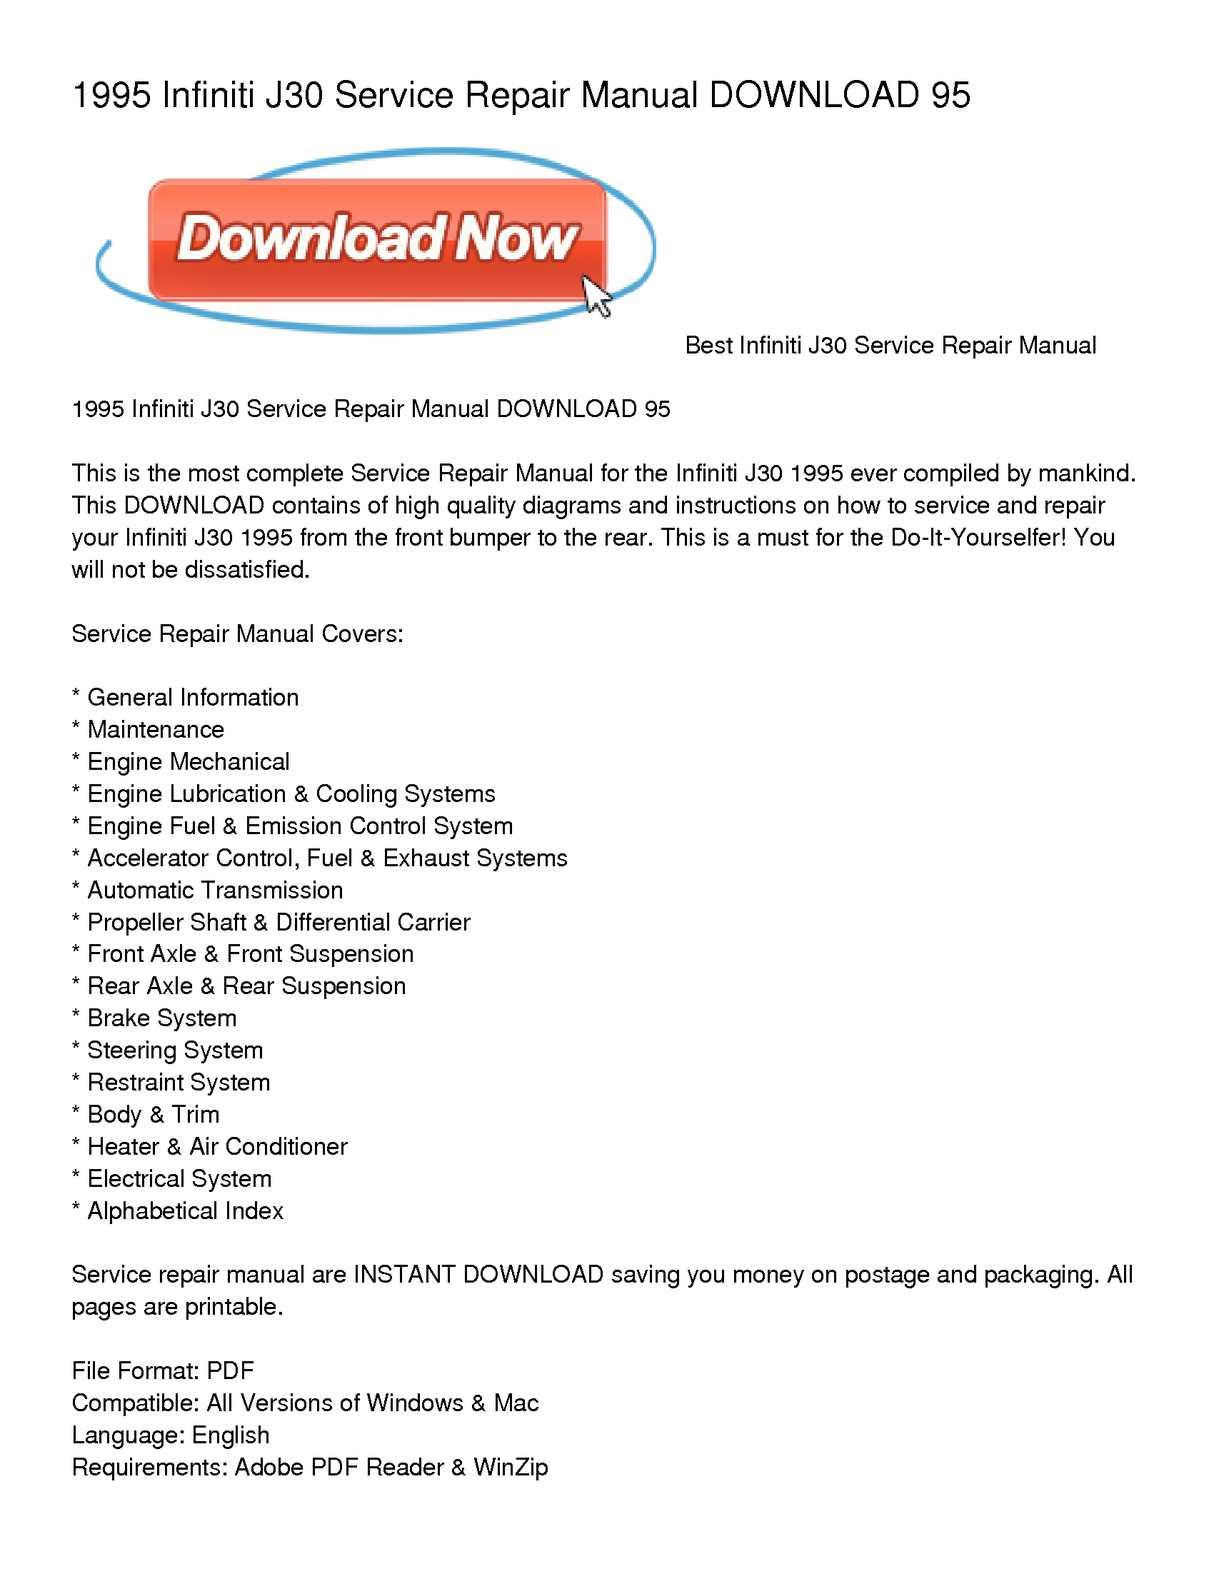 Calameo 1995 Infiniti J30 Service Repair Manual Download 95